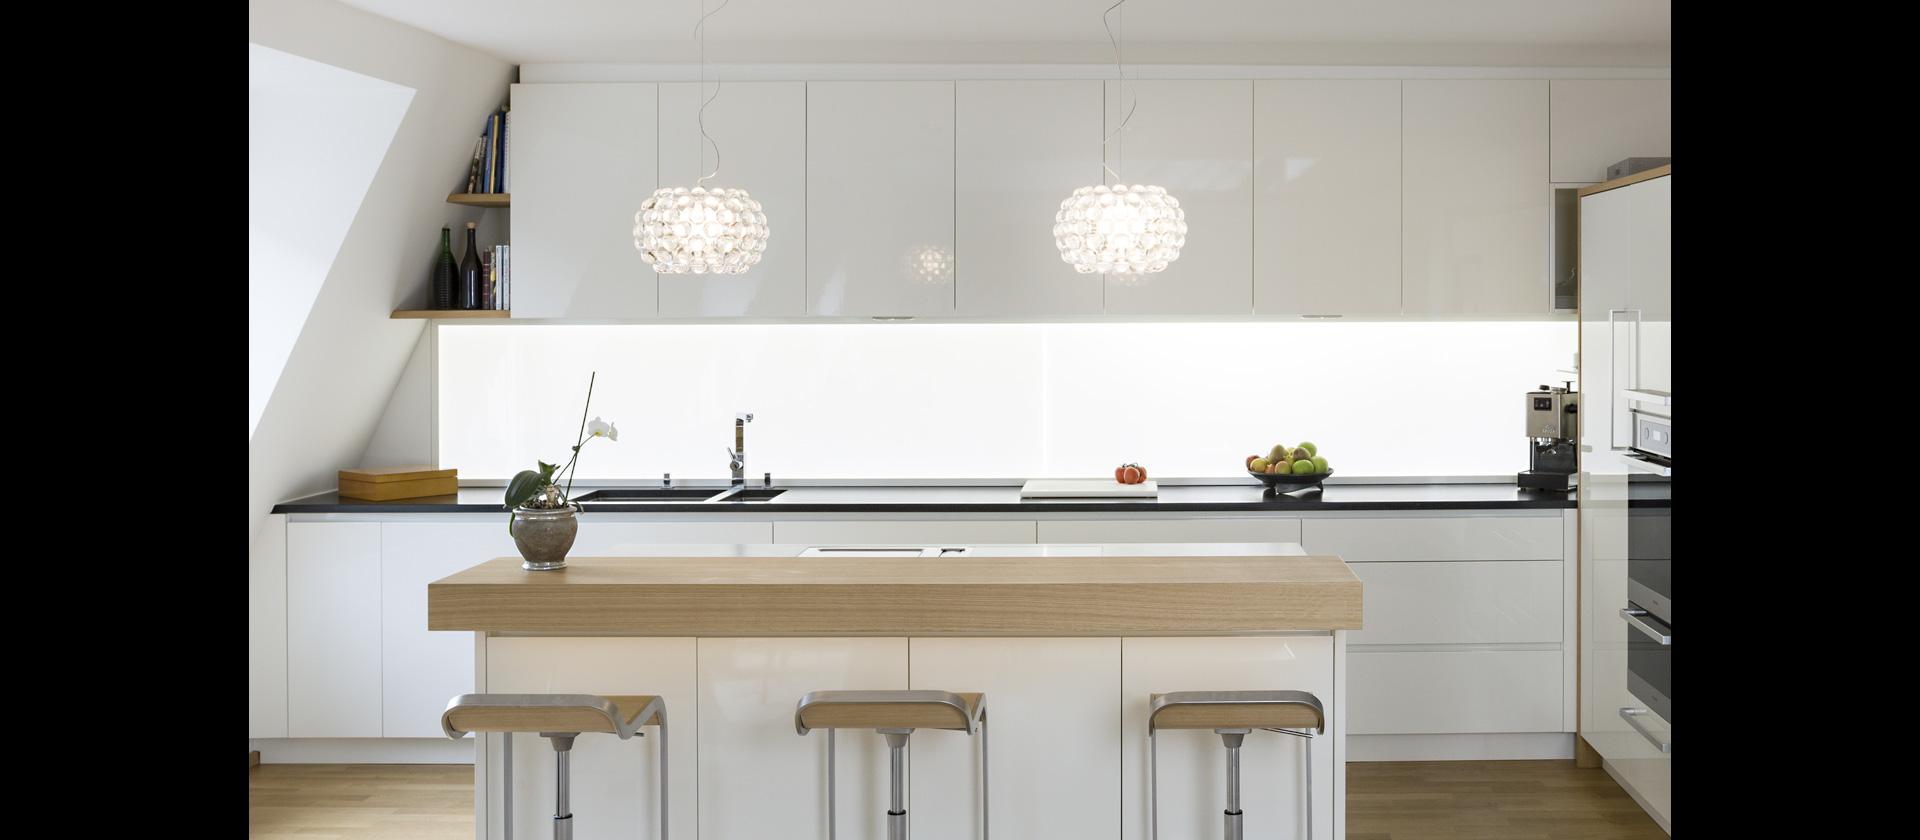 mtb k che im wohnraum weiss gl nzend. Black Bedroom Furniture Sets. Home Design Ideas